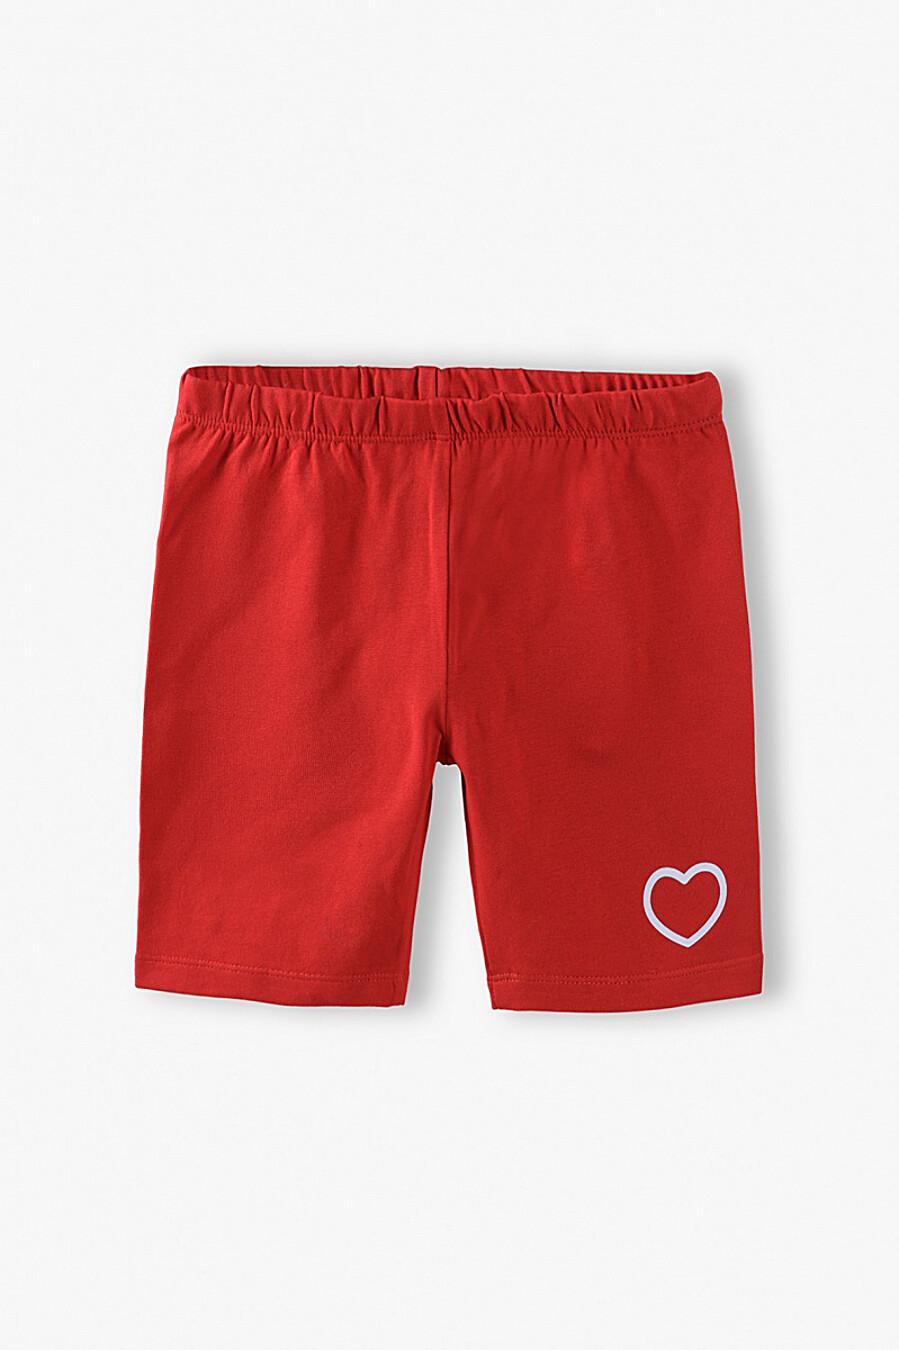 Шорты для девочек 5.10.15 668593 купить оптом от производителя. Совместная покупка детской одежды в OptMoyo